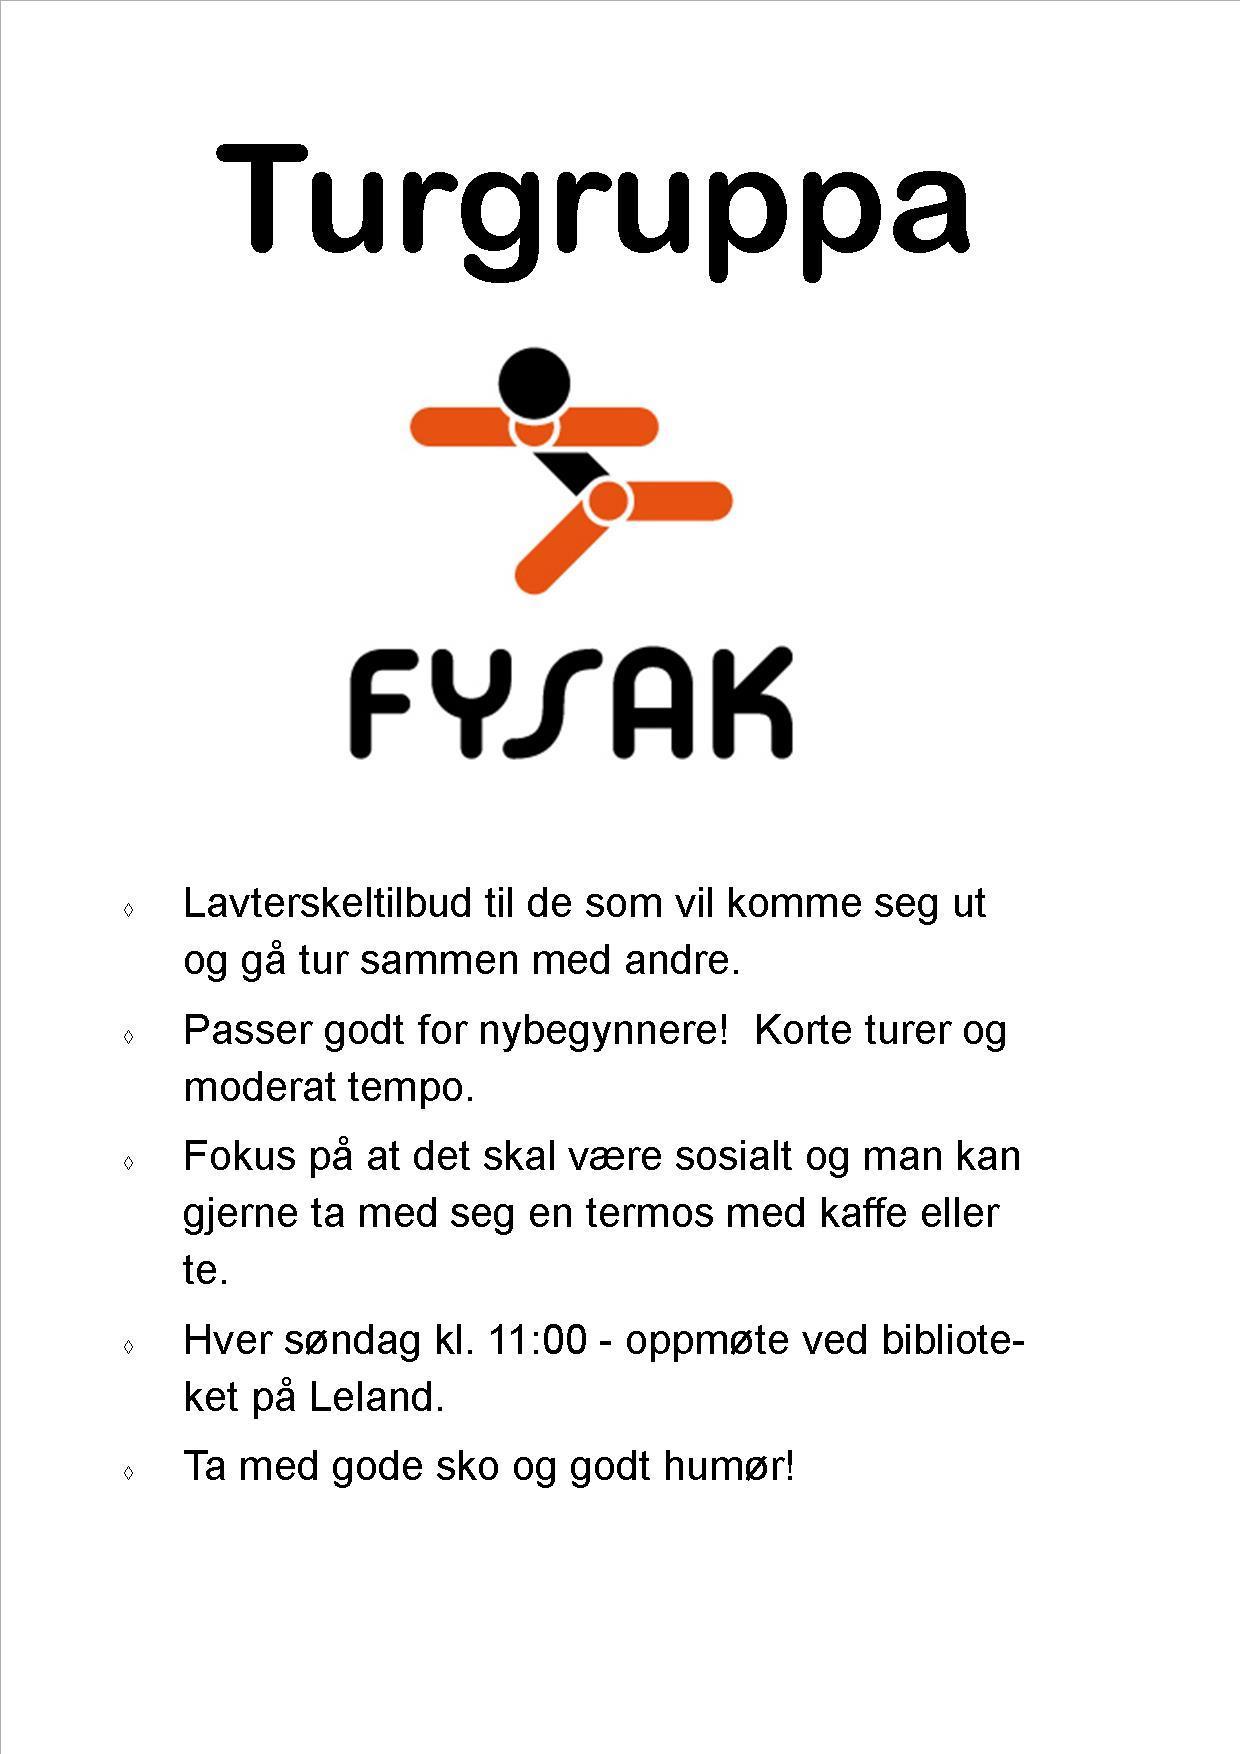 Turngruppa - Fysak  høst 2019